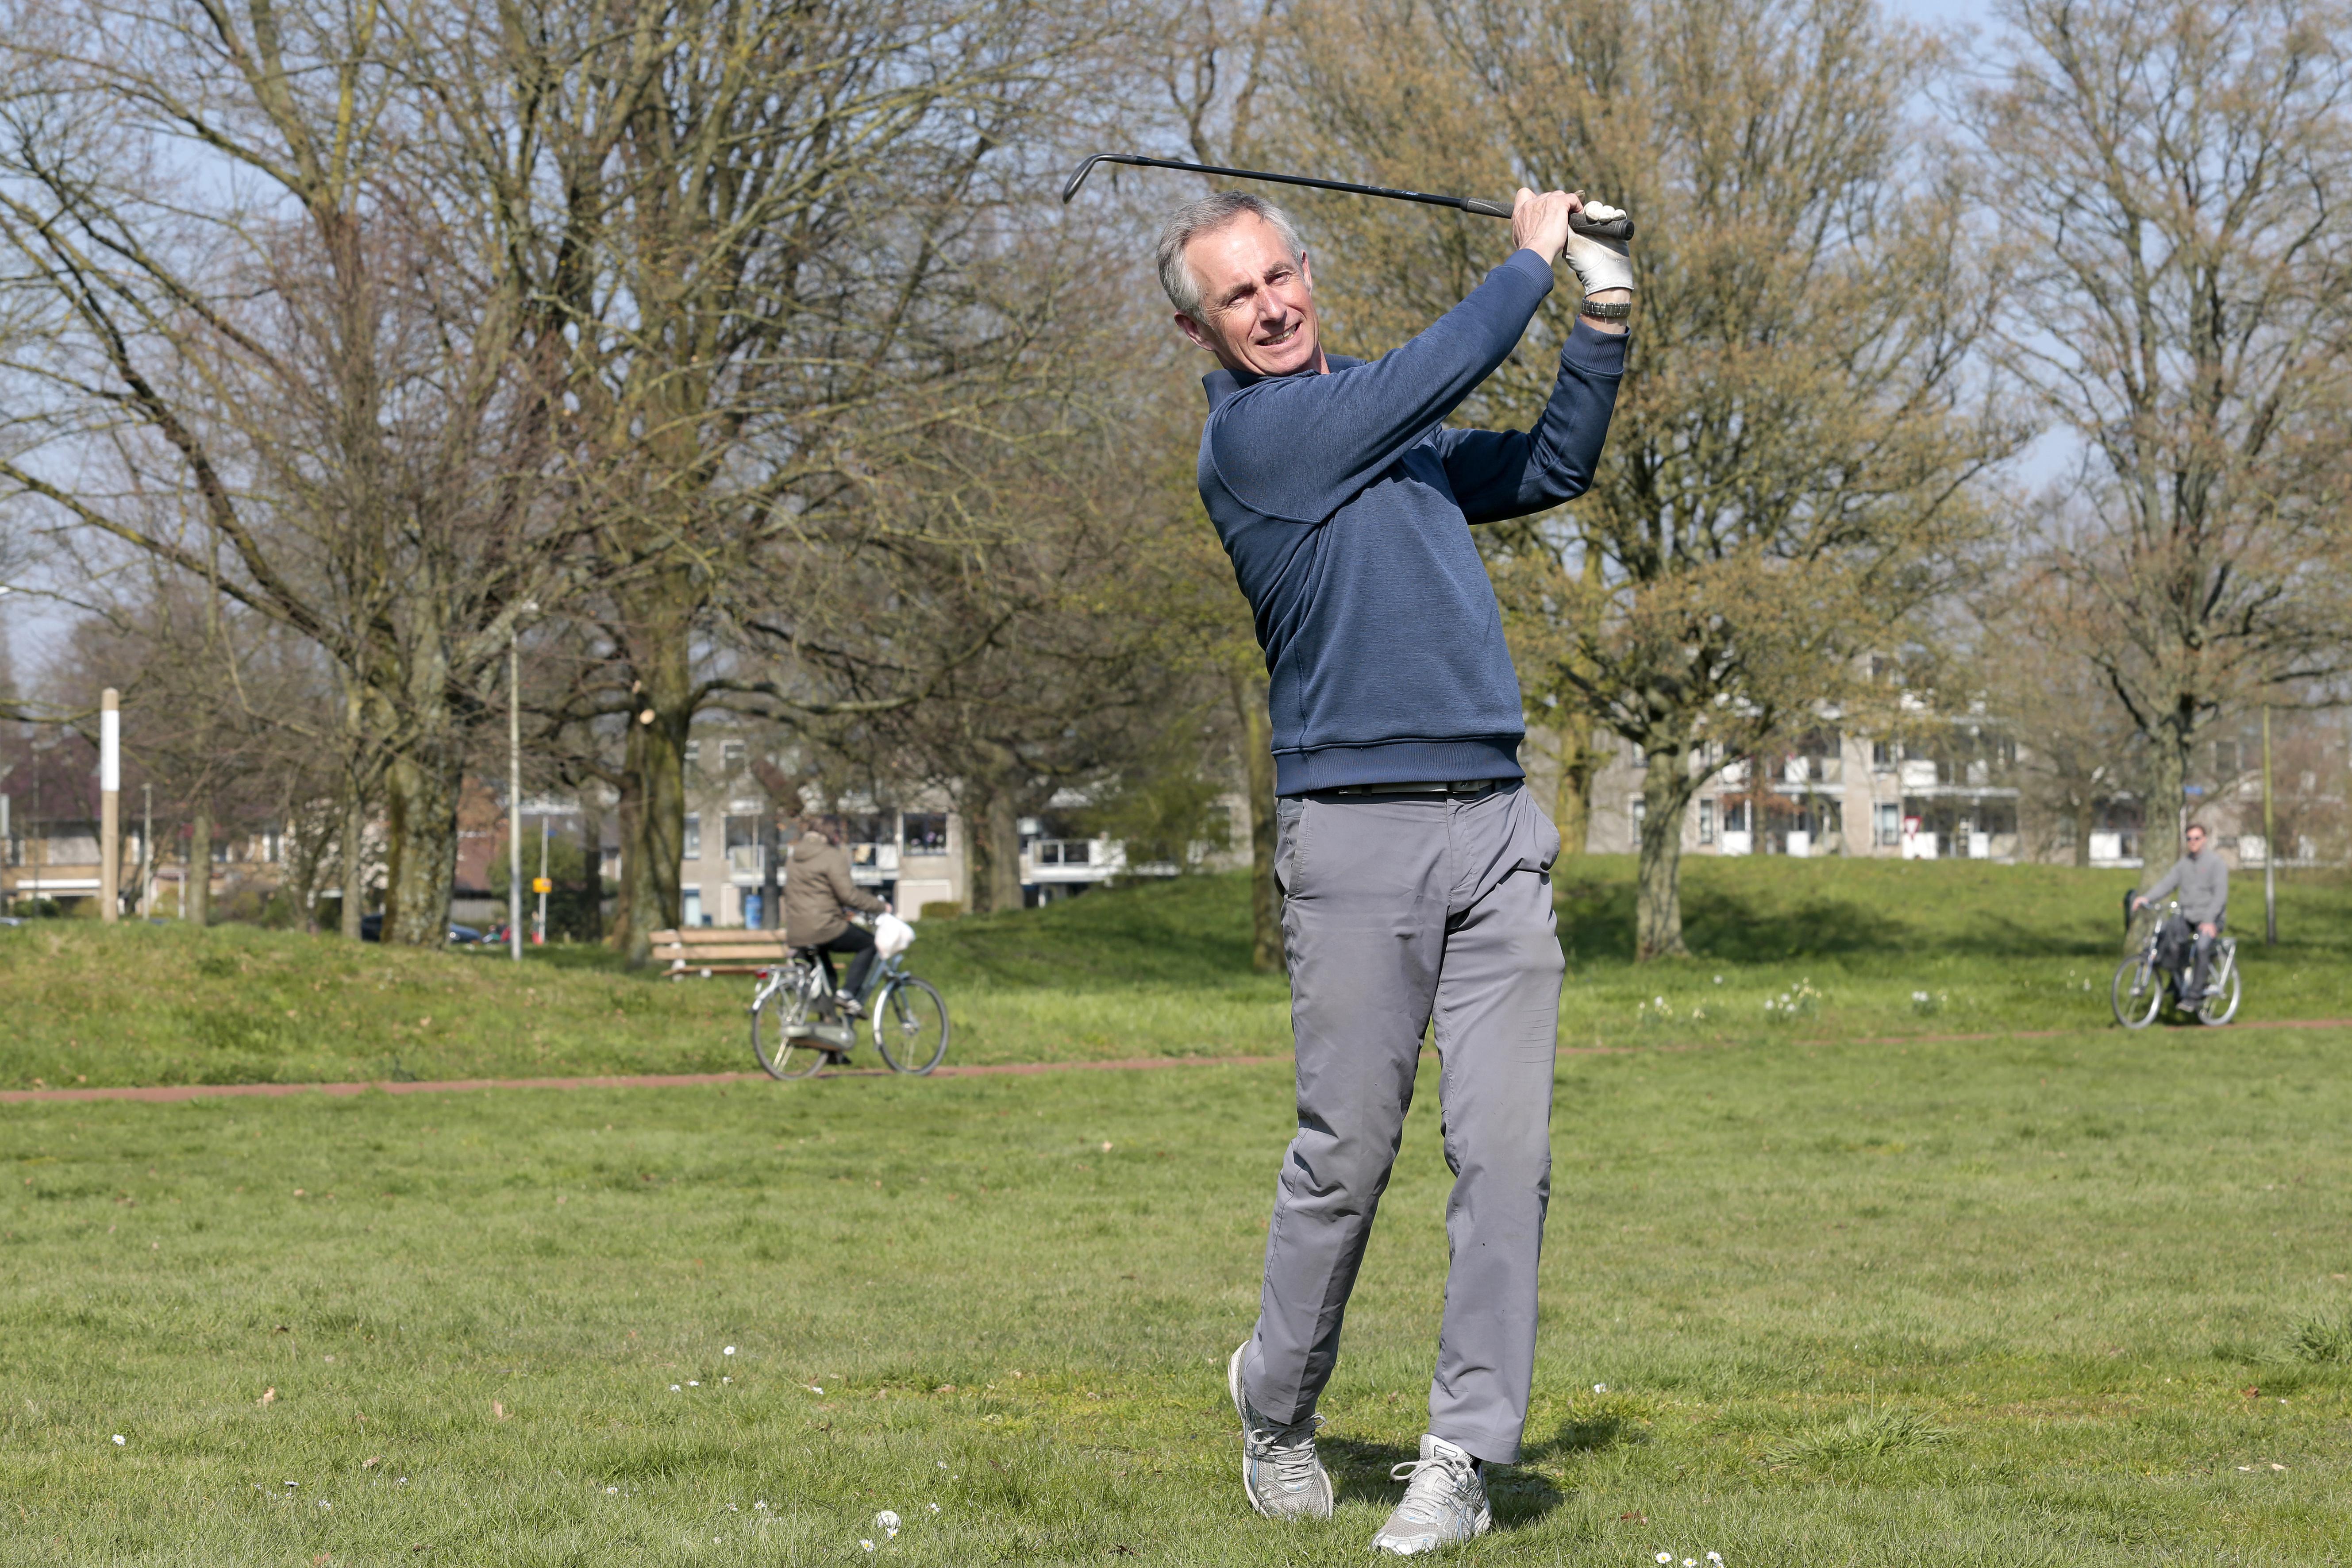 De golfbanen zijn dicht, dus slaat Harry Welch balletjes op De Groene Long in Bussum